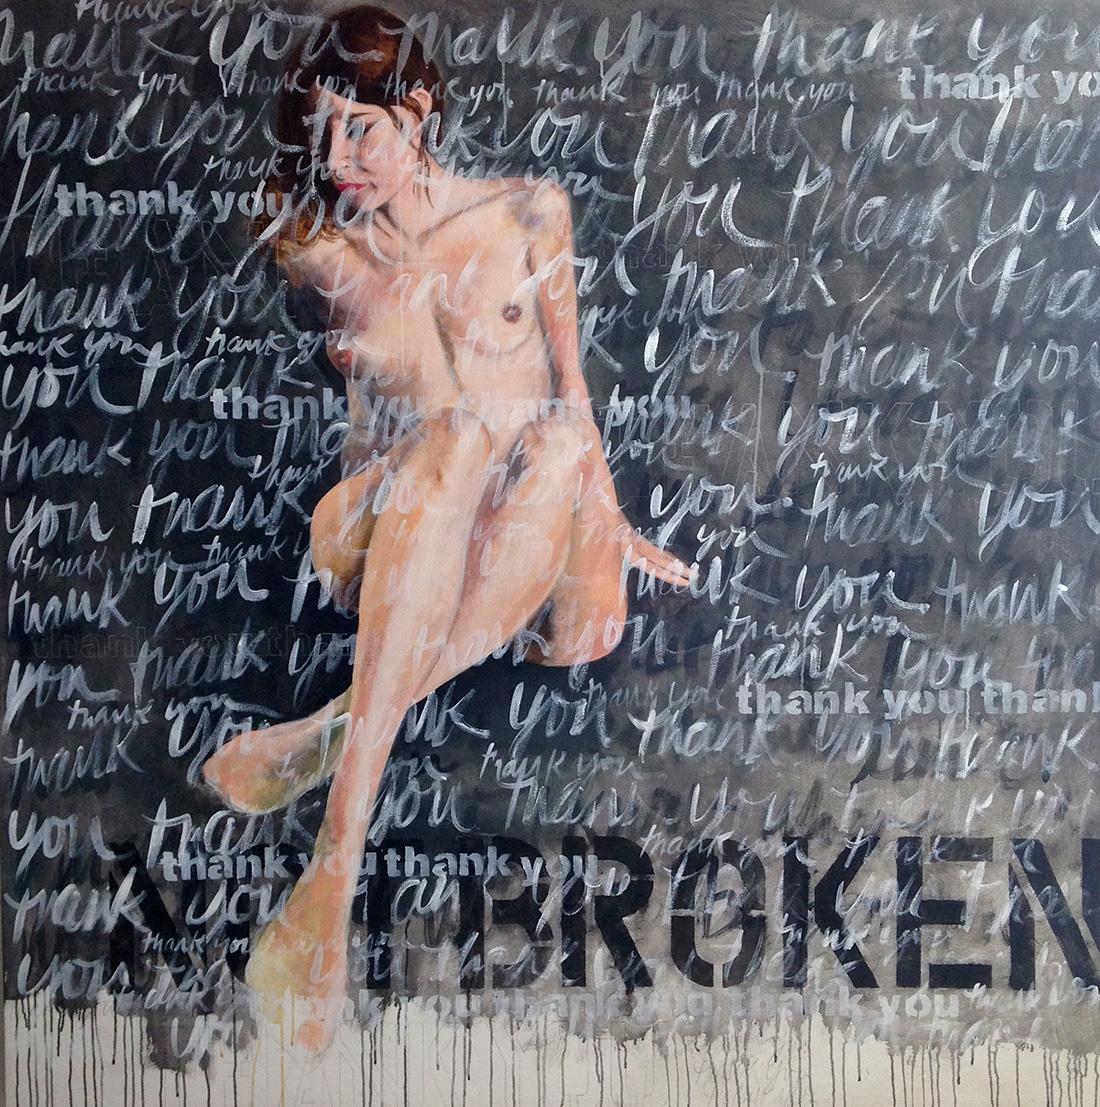 thank you:not broken